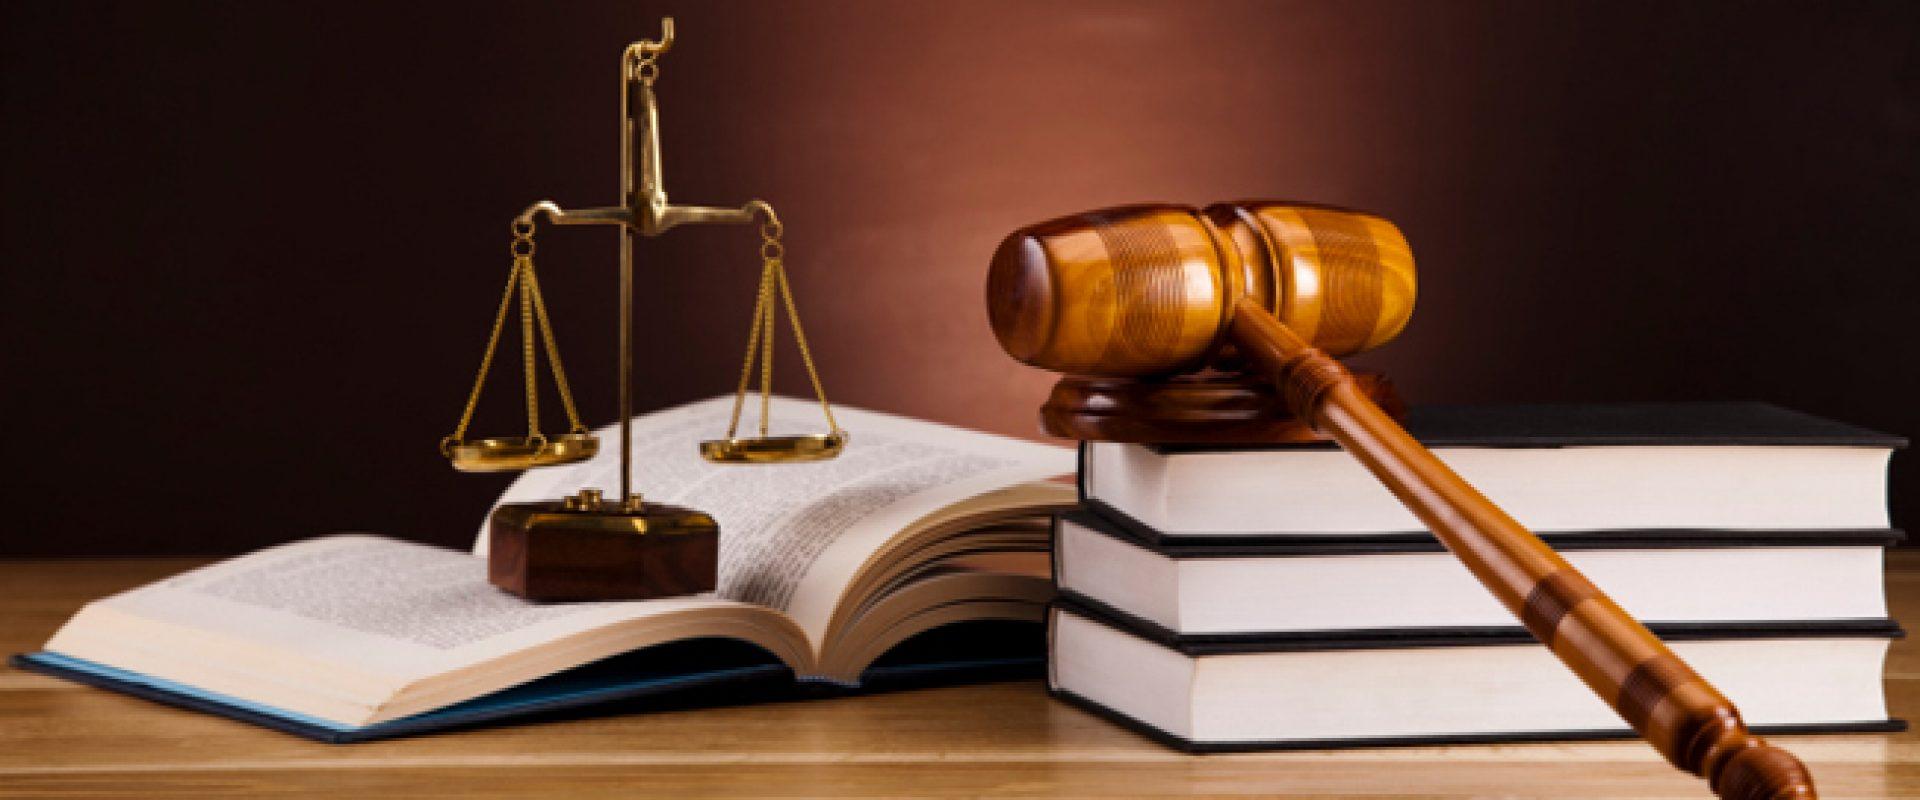 JCardoso Assessoria Jurídica